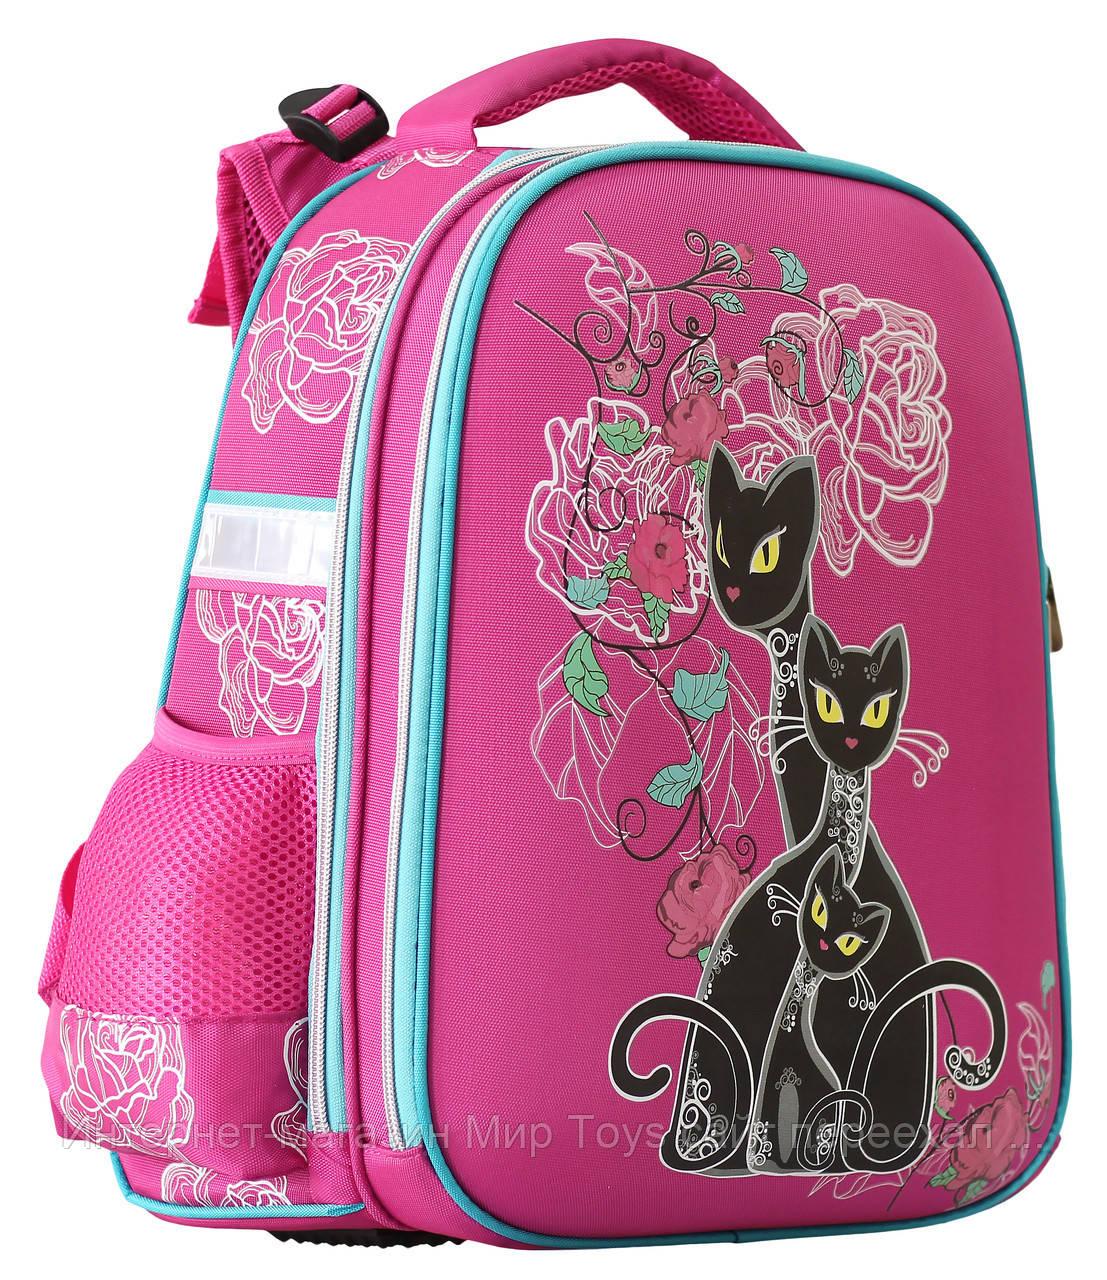 073972ba561f Ранец Рюкзак Школьный Ортопедический Cats CLASS, Арт.9815 — в ...